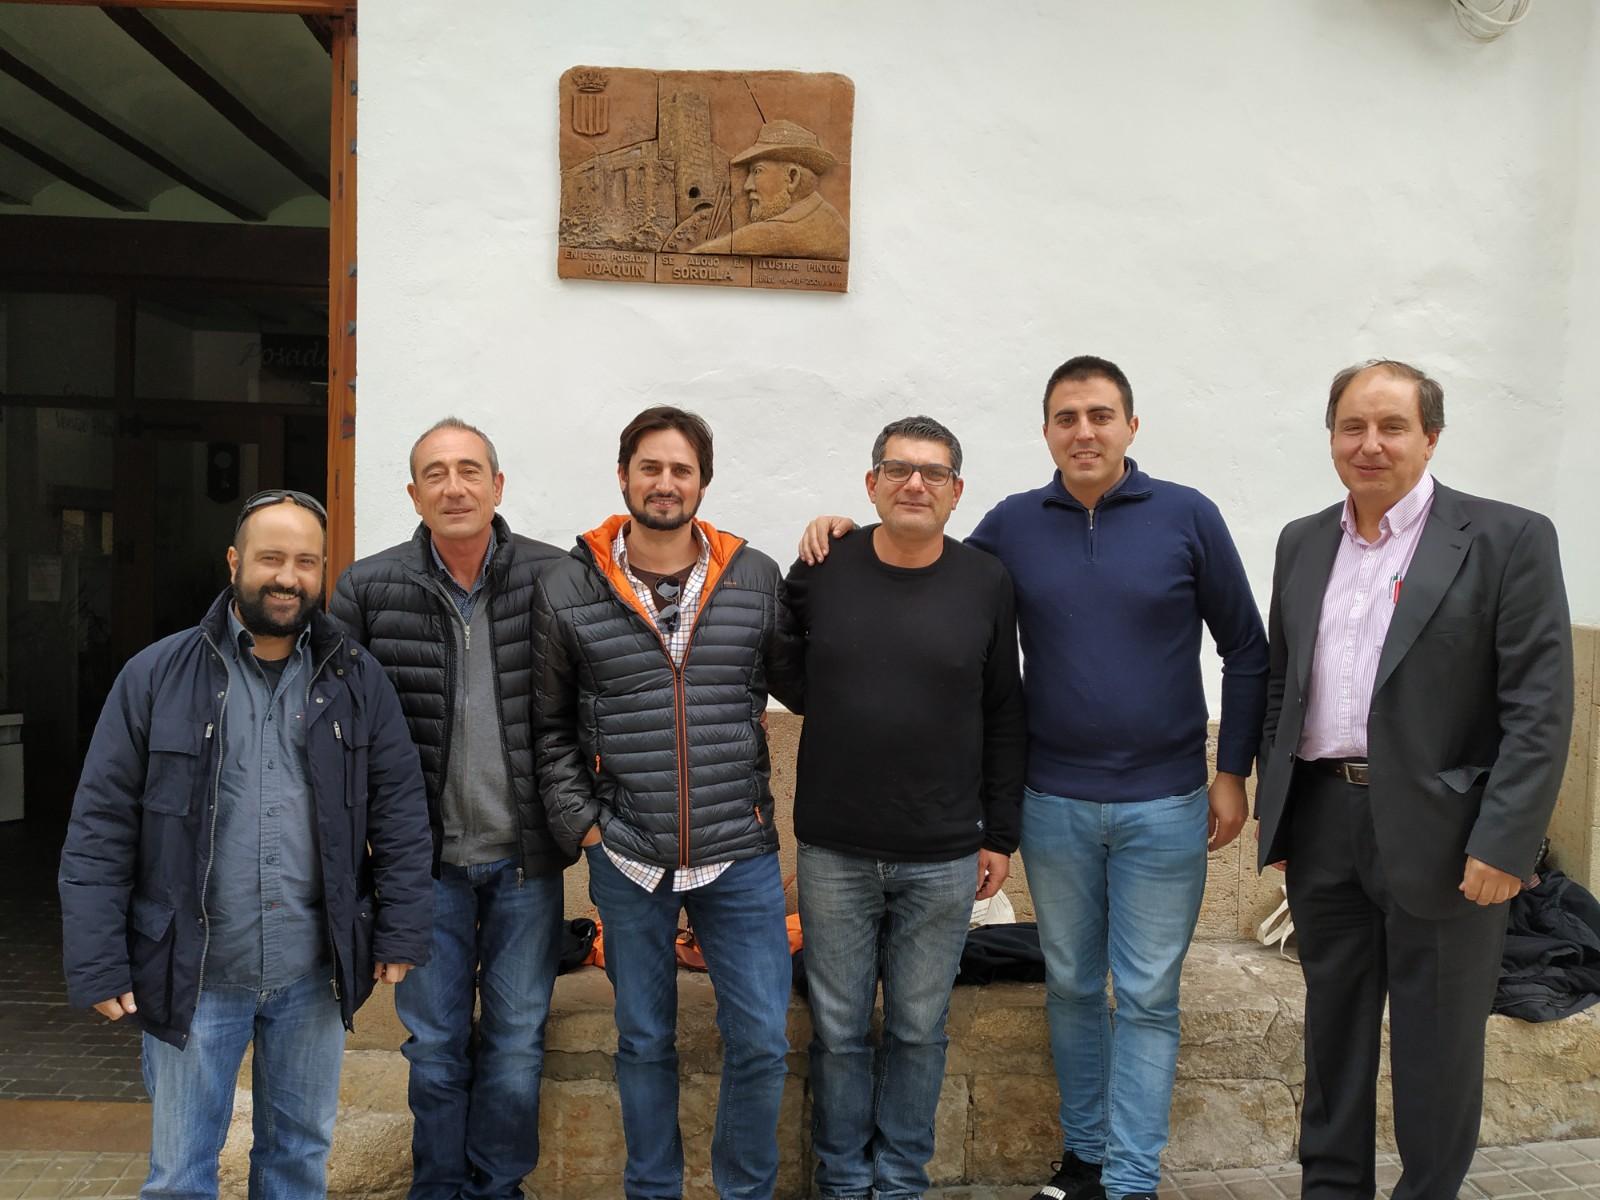 Es uno de los puntos acordados en la reunión mantenida entre Ayuntamiento, Asociación de Empresarios y Autónomos de Buñol y Unión Gremial.